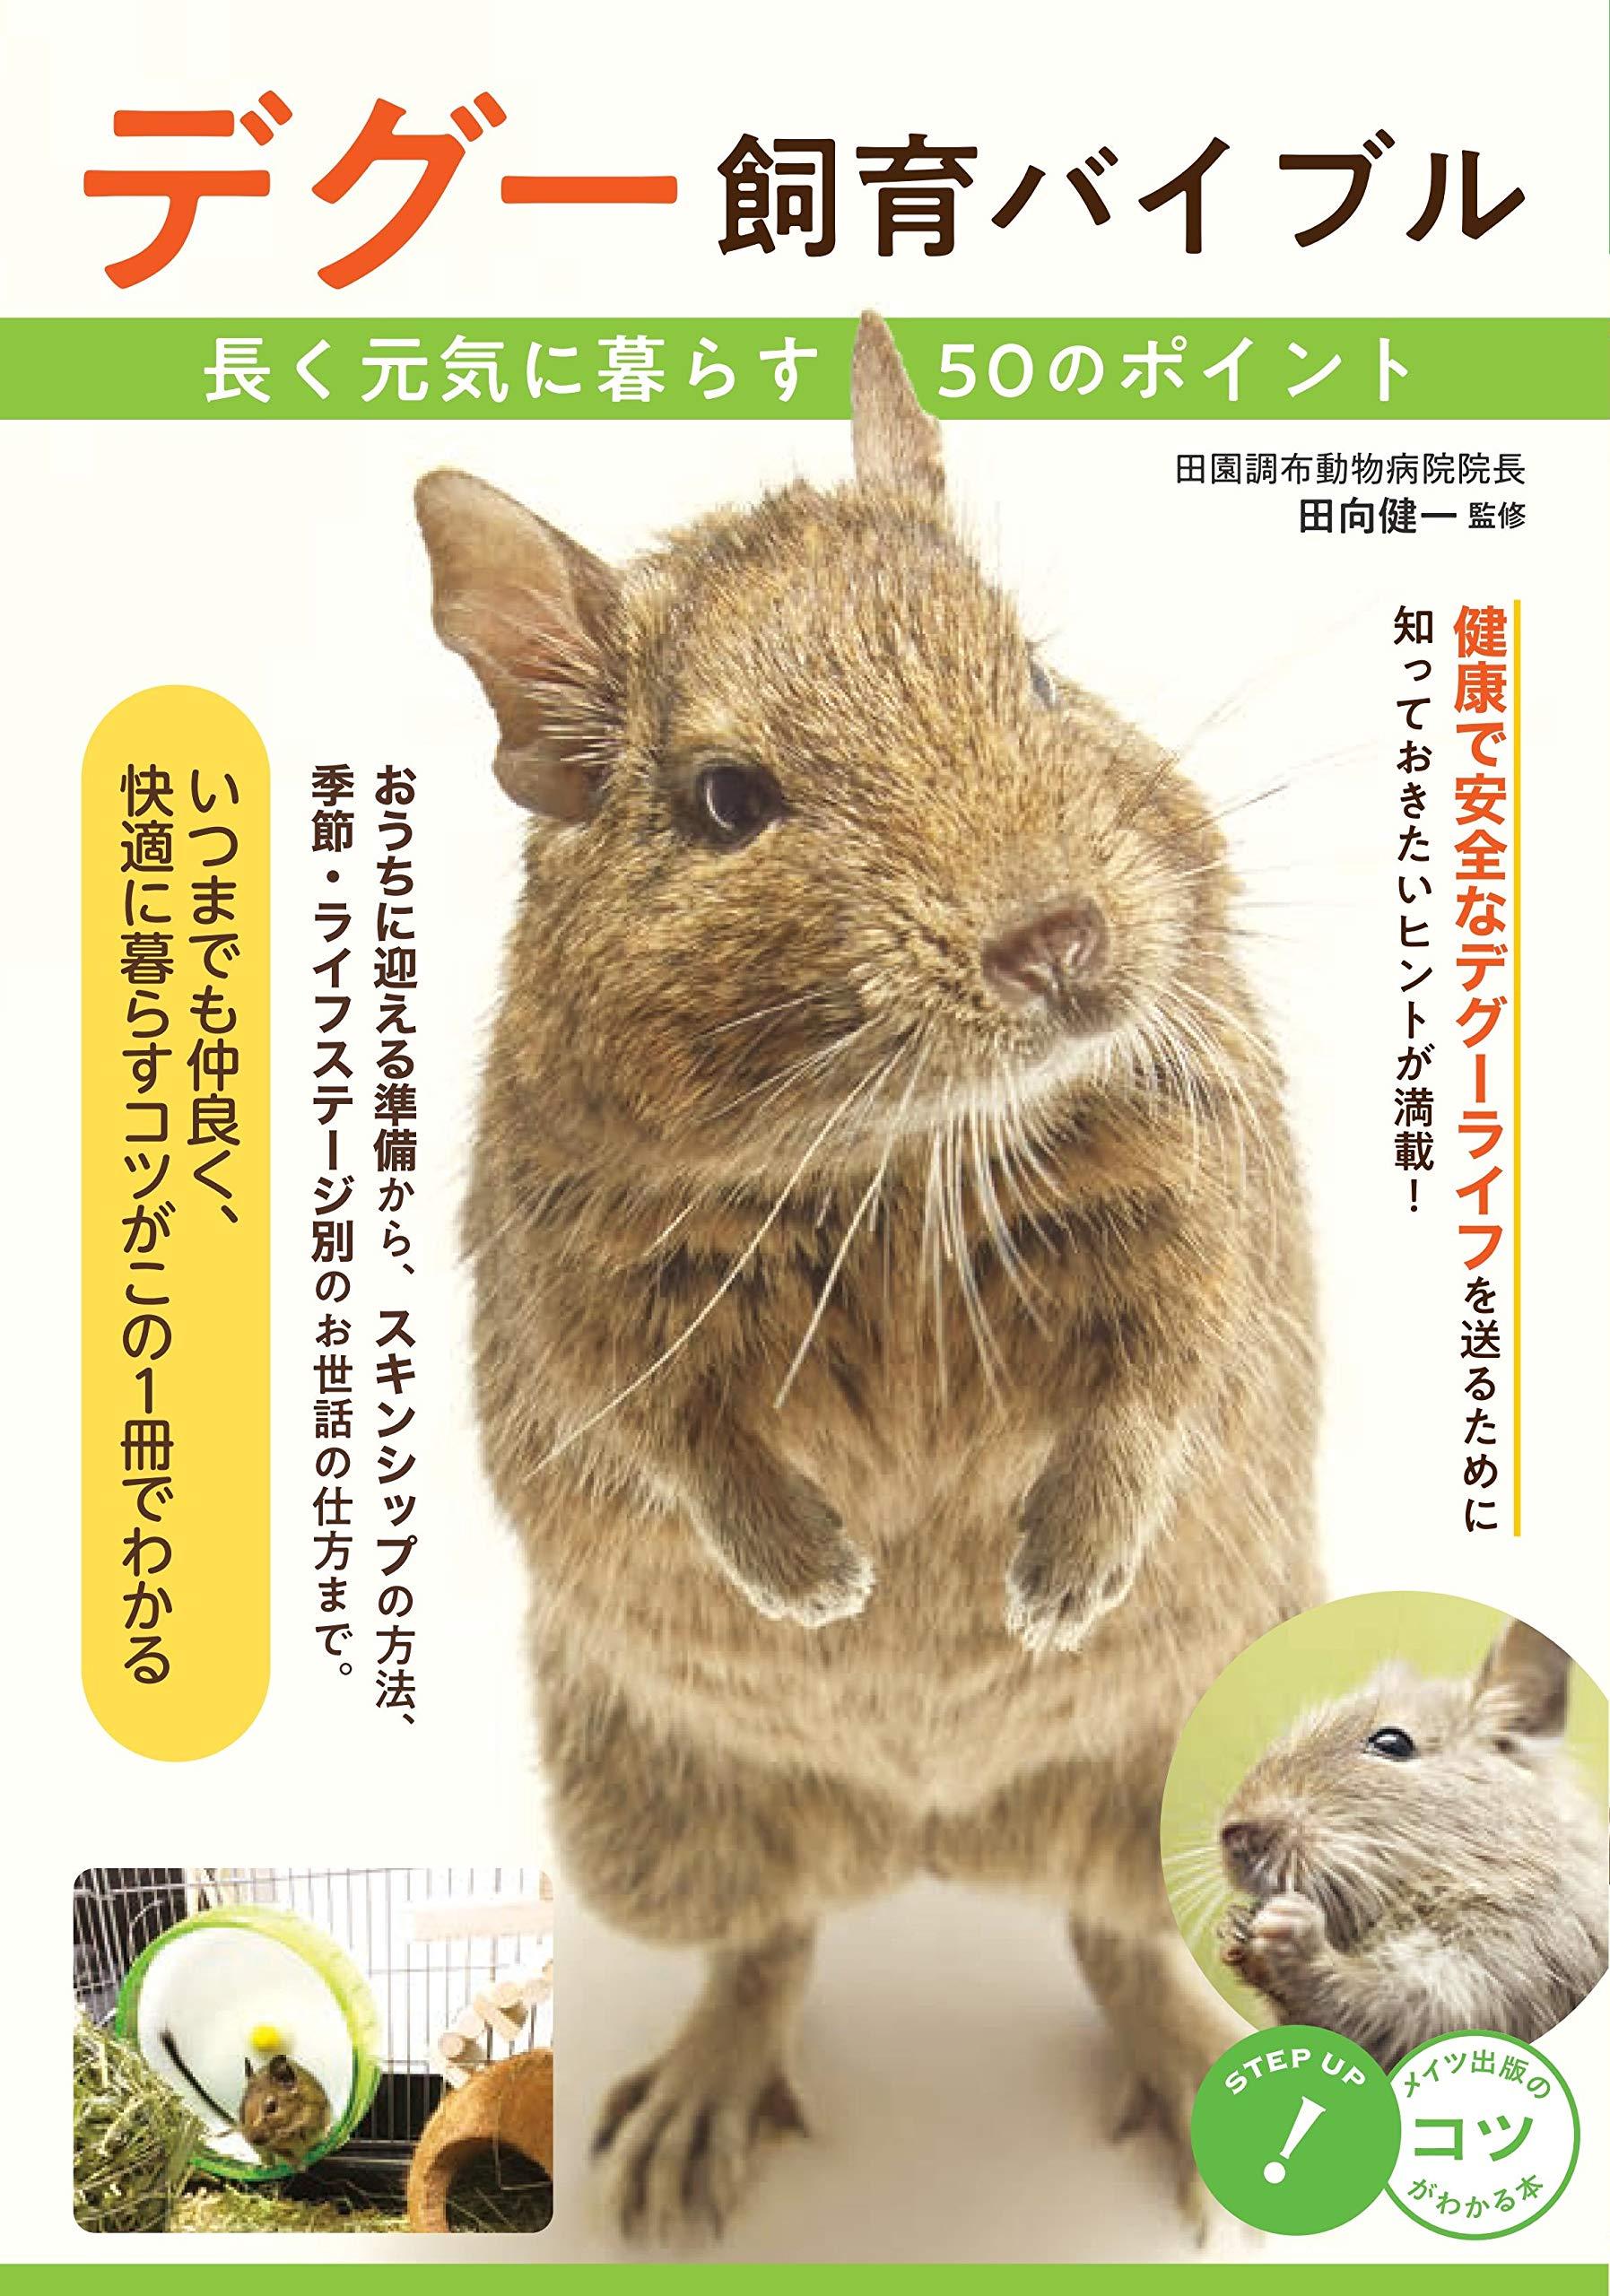 寿命 デグー 【ネズミ目】デグーの寿命は何年?ペットに最適?生態や大きさを徹底解説!